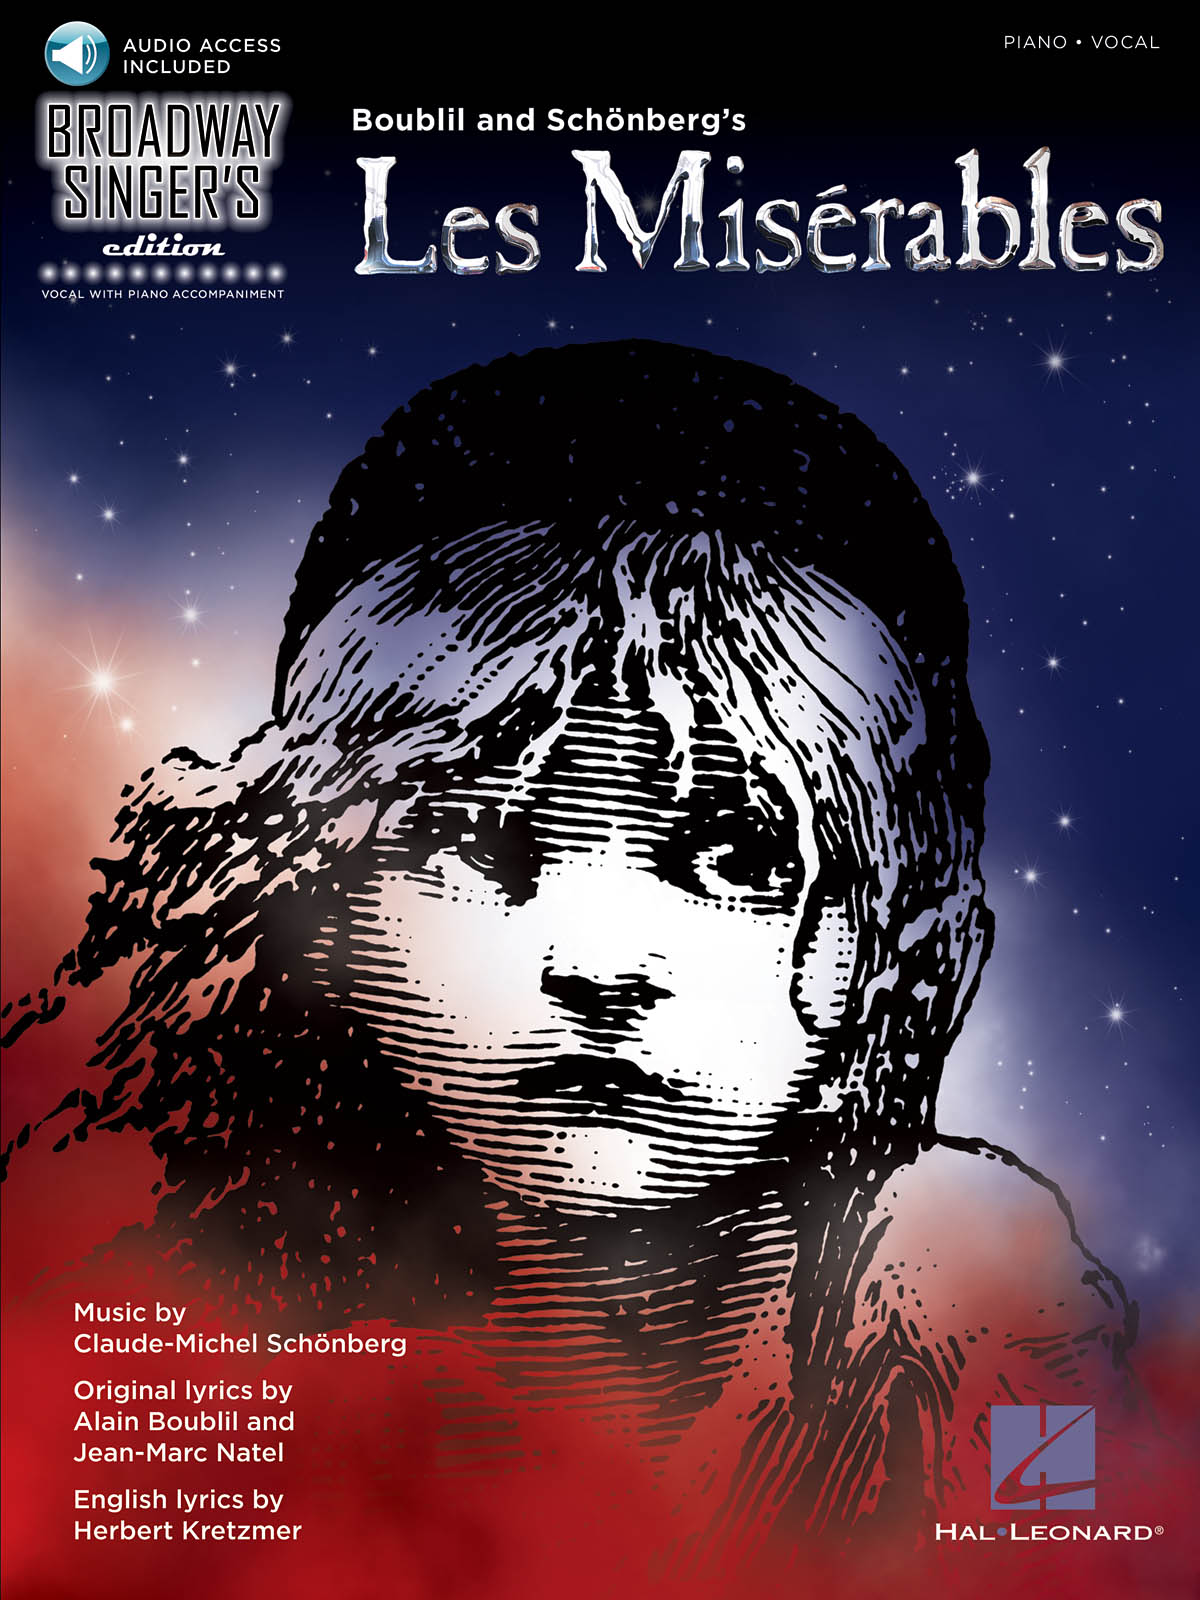 Alain Boublil Claude-Michel Schönberg: Les Miserables - Broadway Singer's